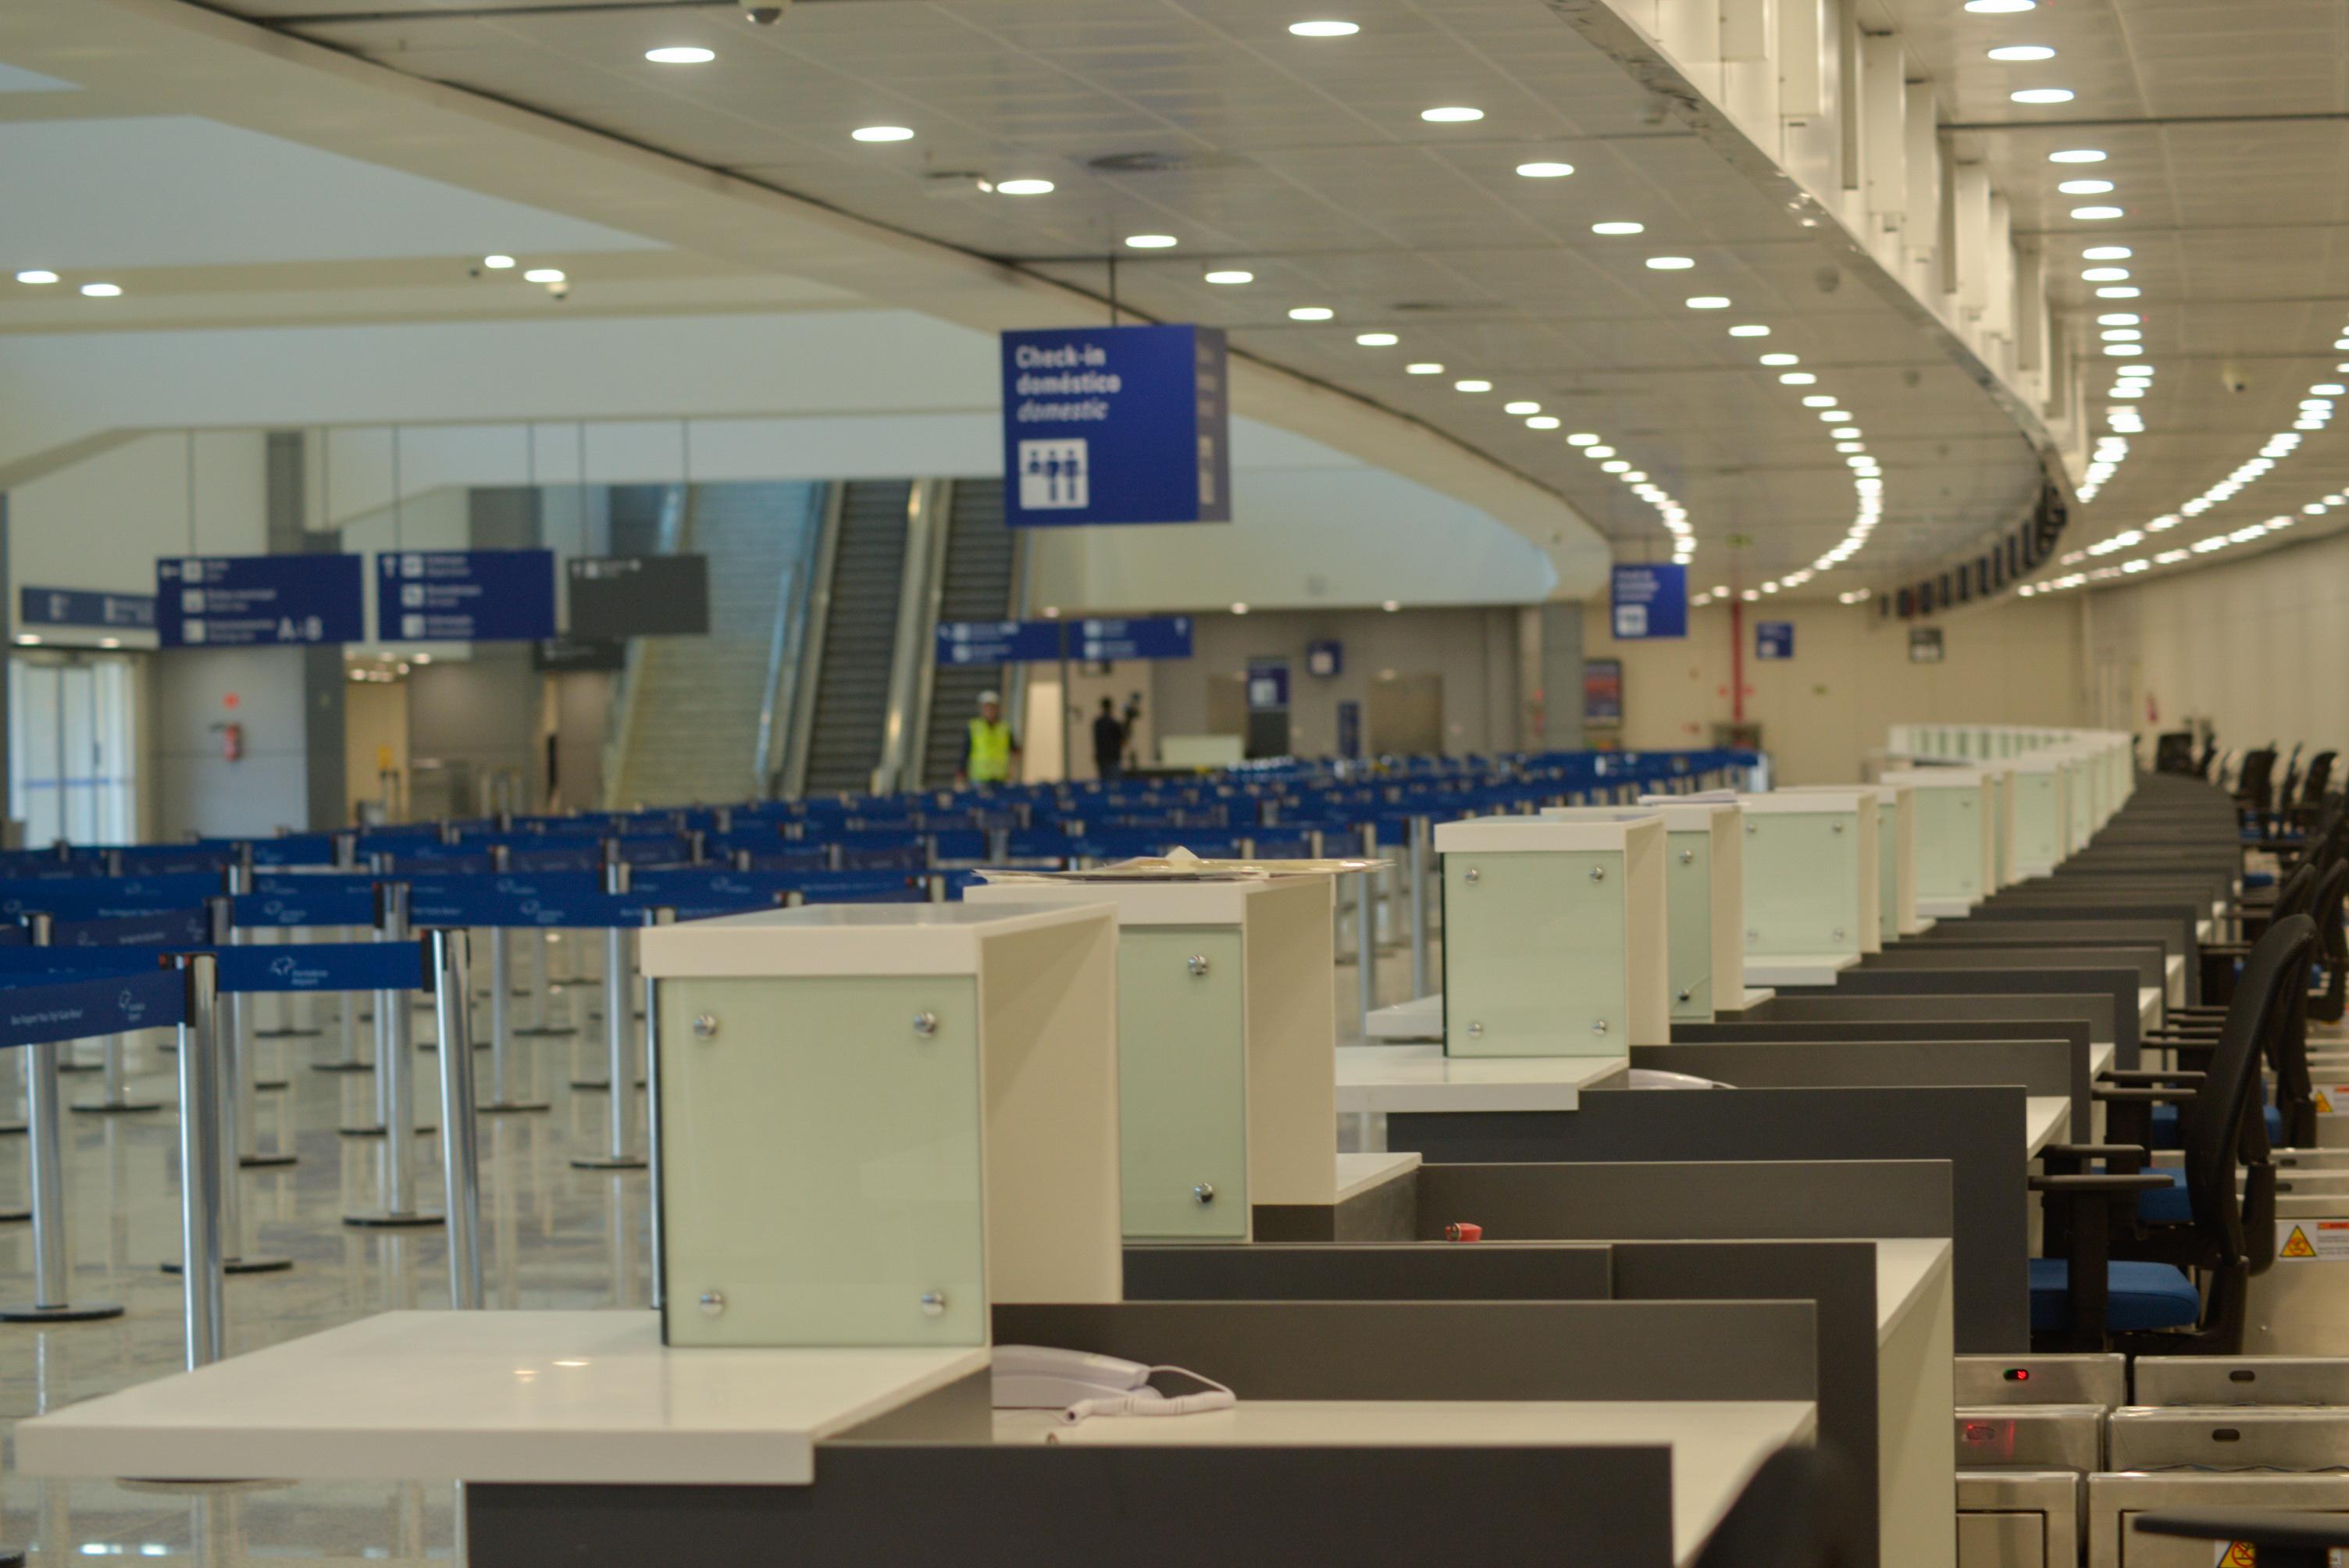 Aeroporto de Fortaleza conta com nova área de check-in a partir desta terça-feira